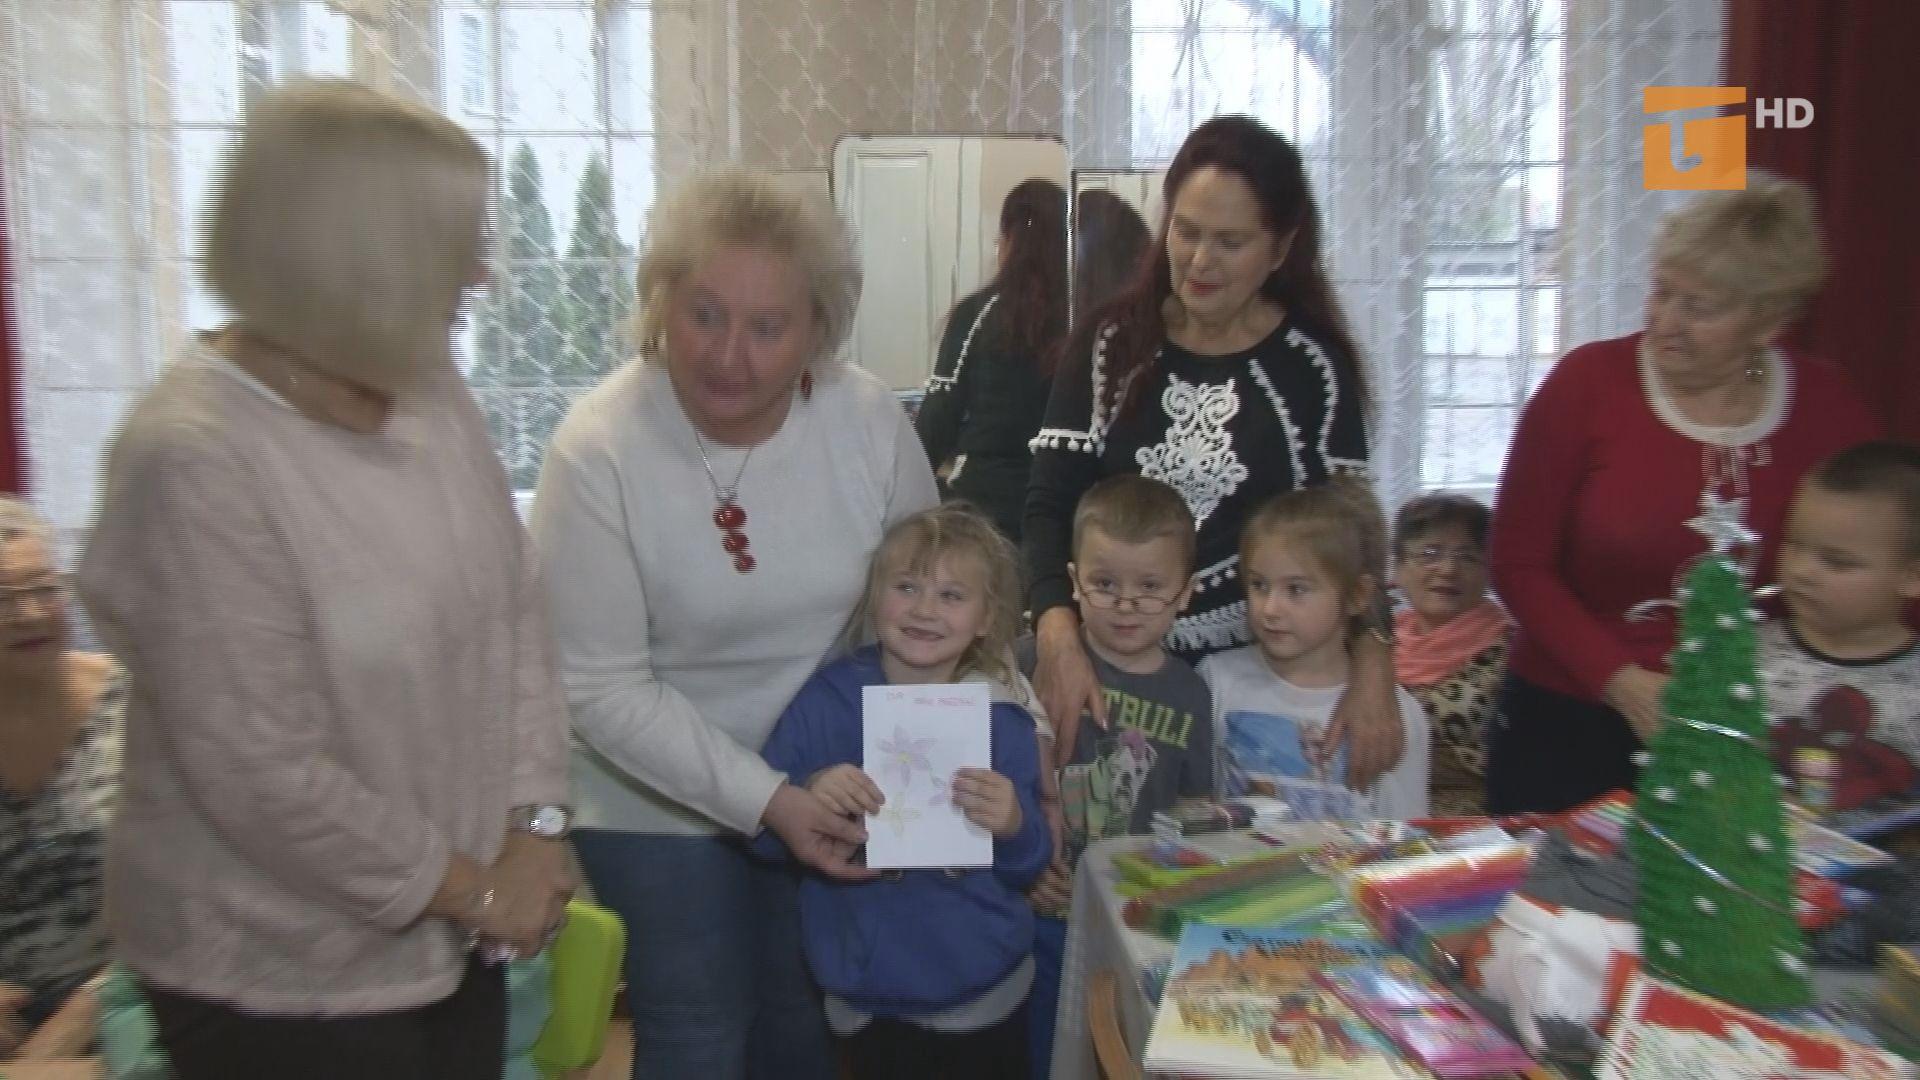 W świetlicy środowiskowej seniorzy i dzieci chętnie wspólnie spędzają czas na nauce poprzez zabawę